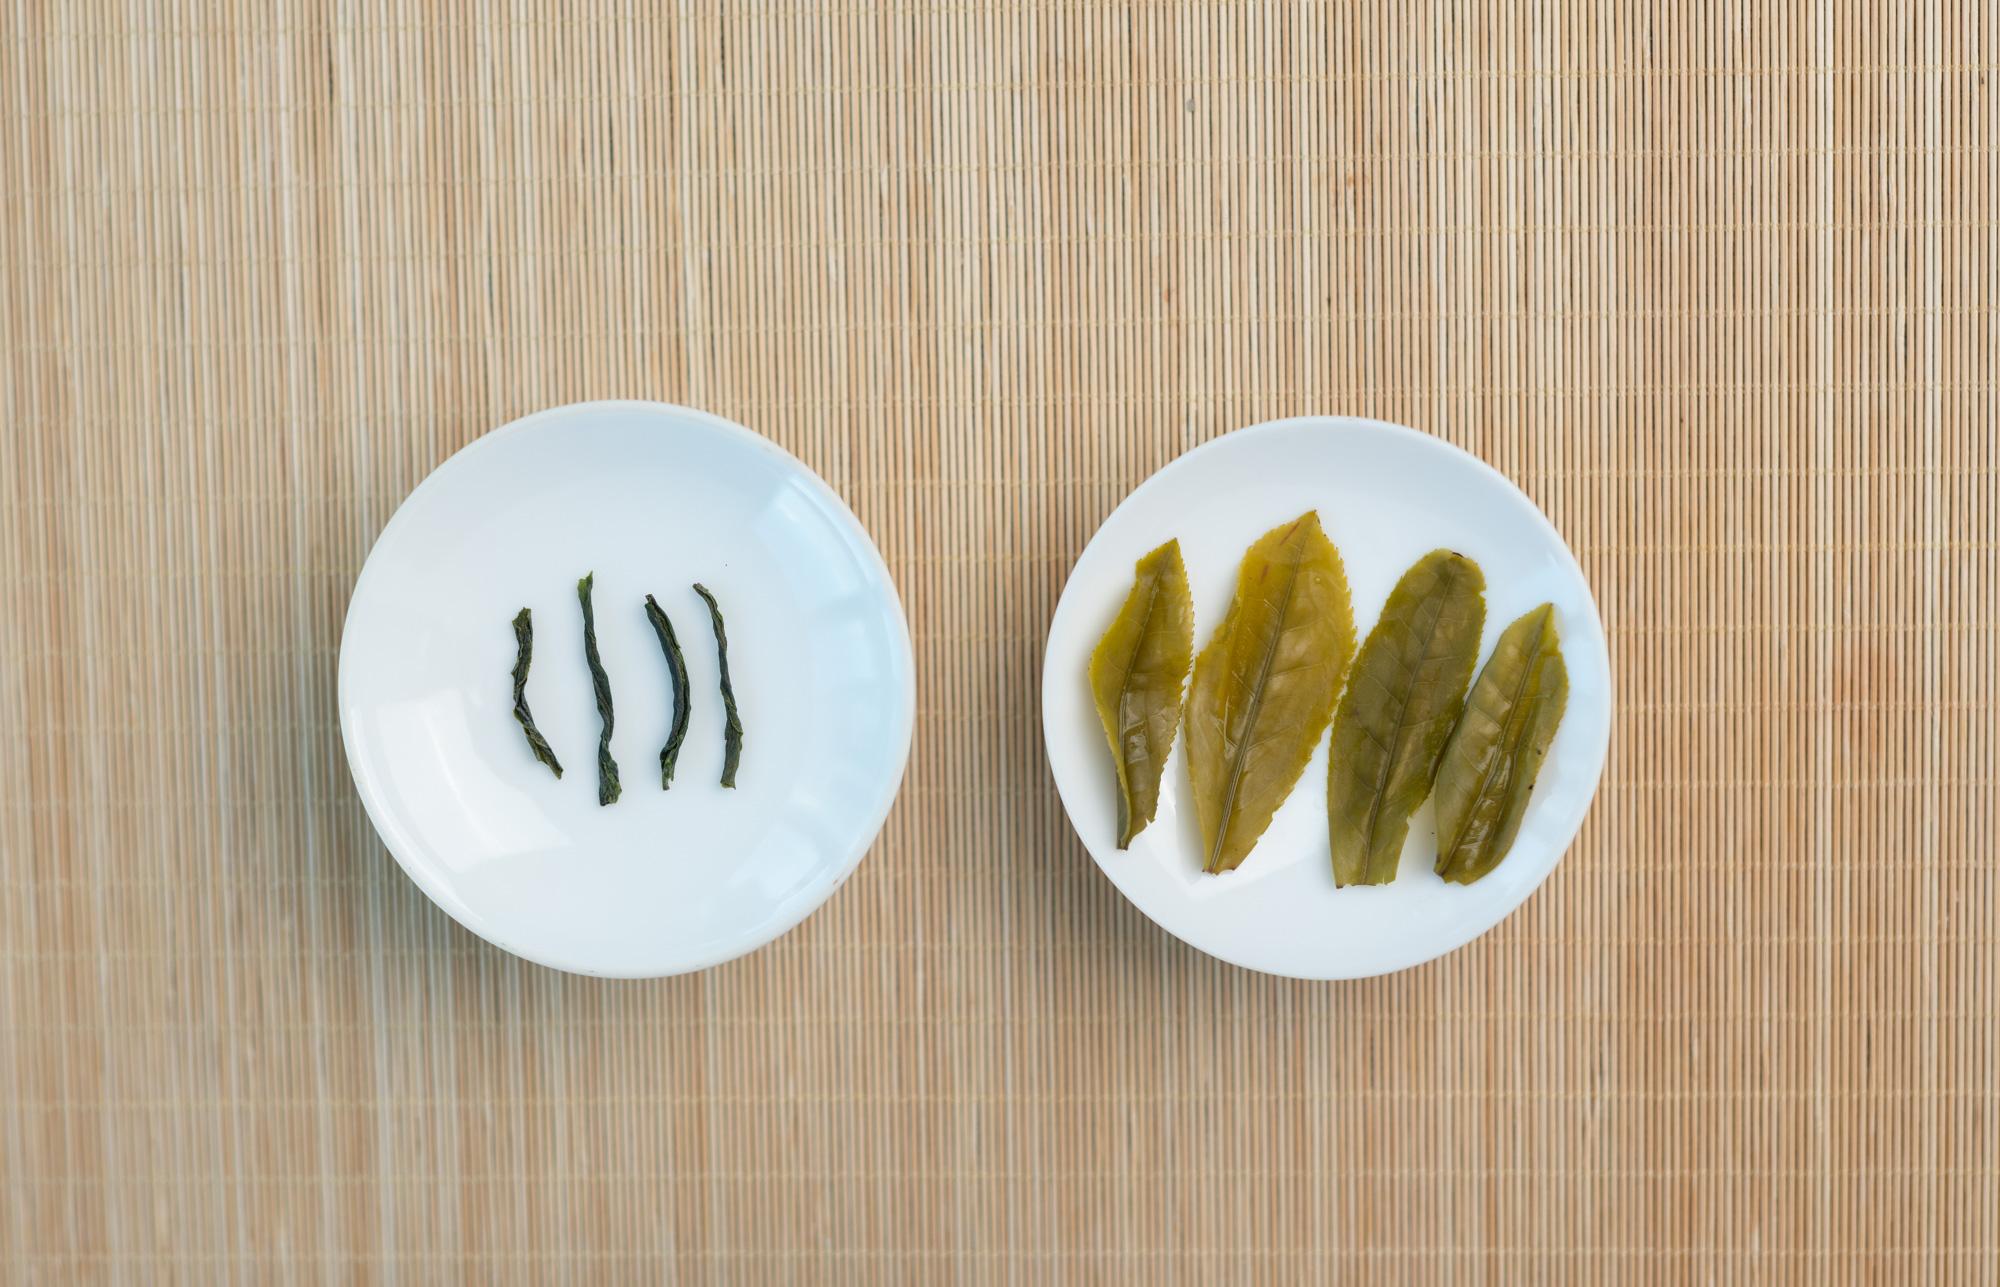 小喜年-为什么六安瓜片一直泡在杯里都不会苦涩?